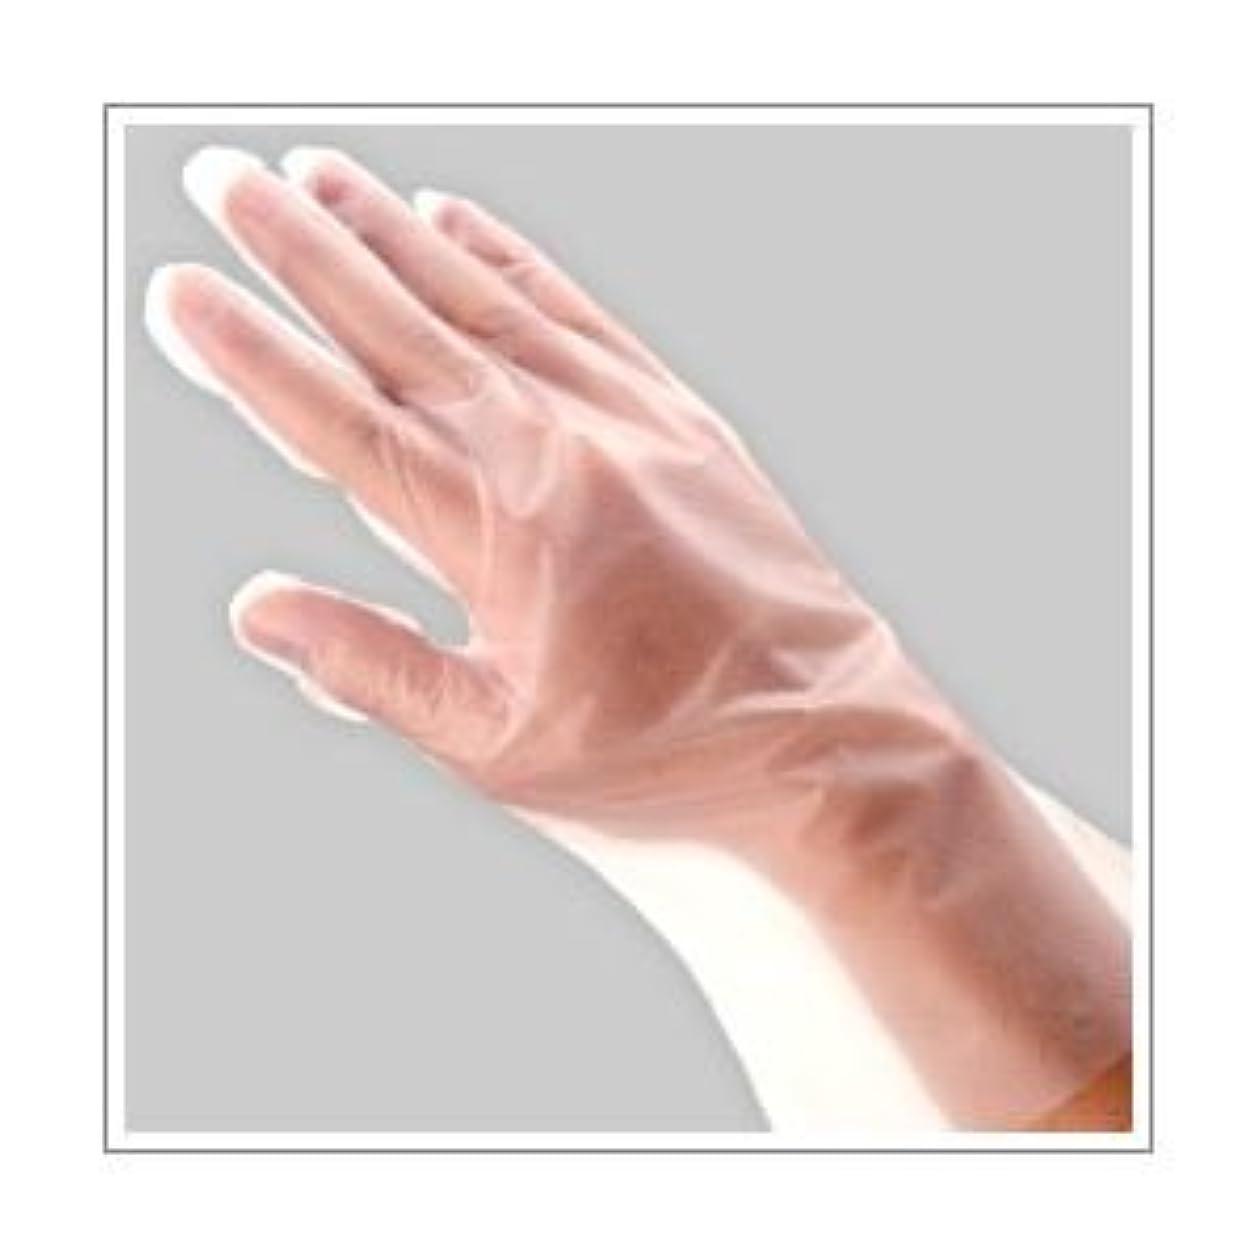 陽気な愚か学ぶ(業務用セット) 福助工業 ポリ手袋 指フィット 100枚パック L 【×10セット】 dS-1640685